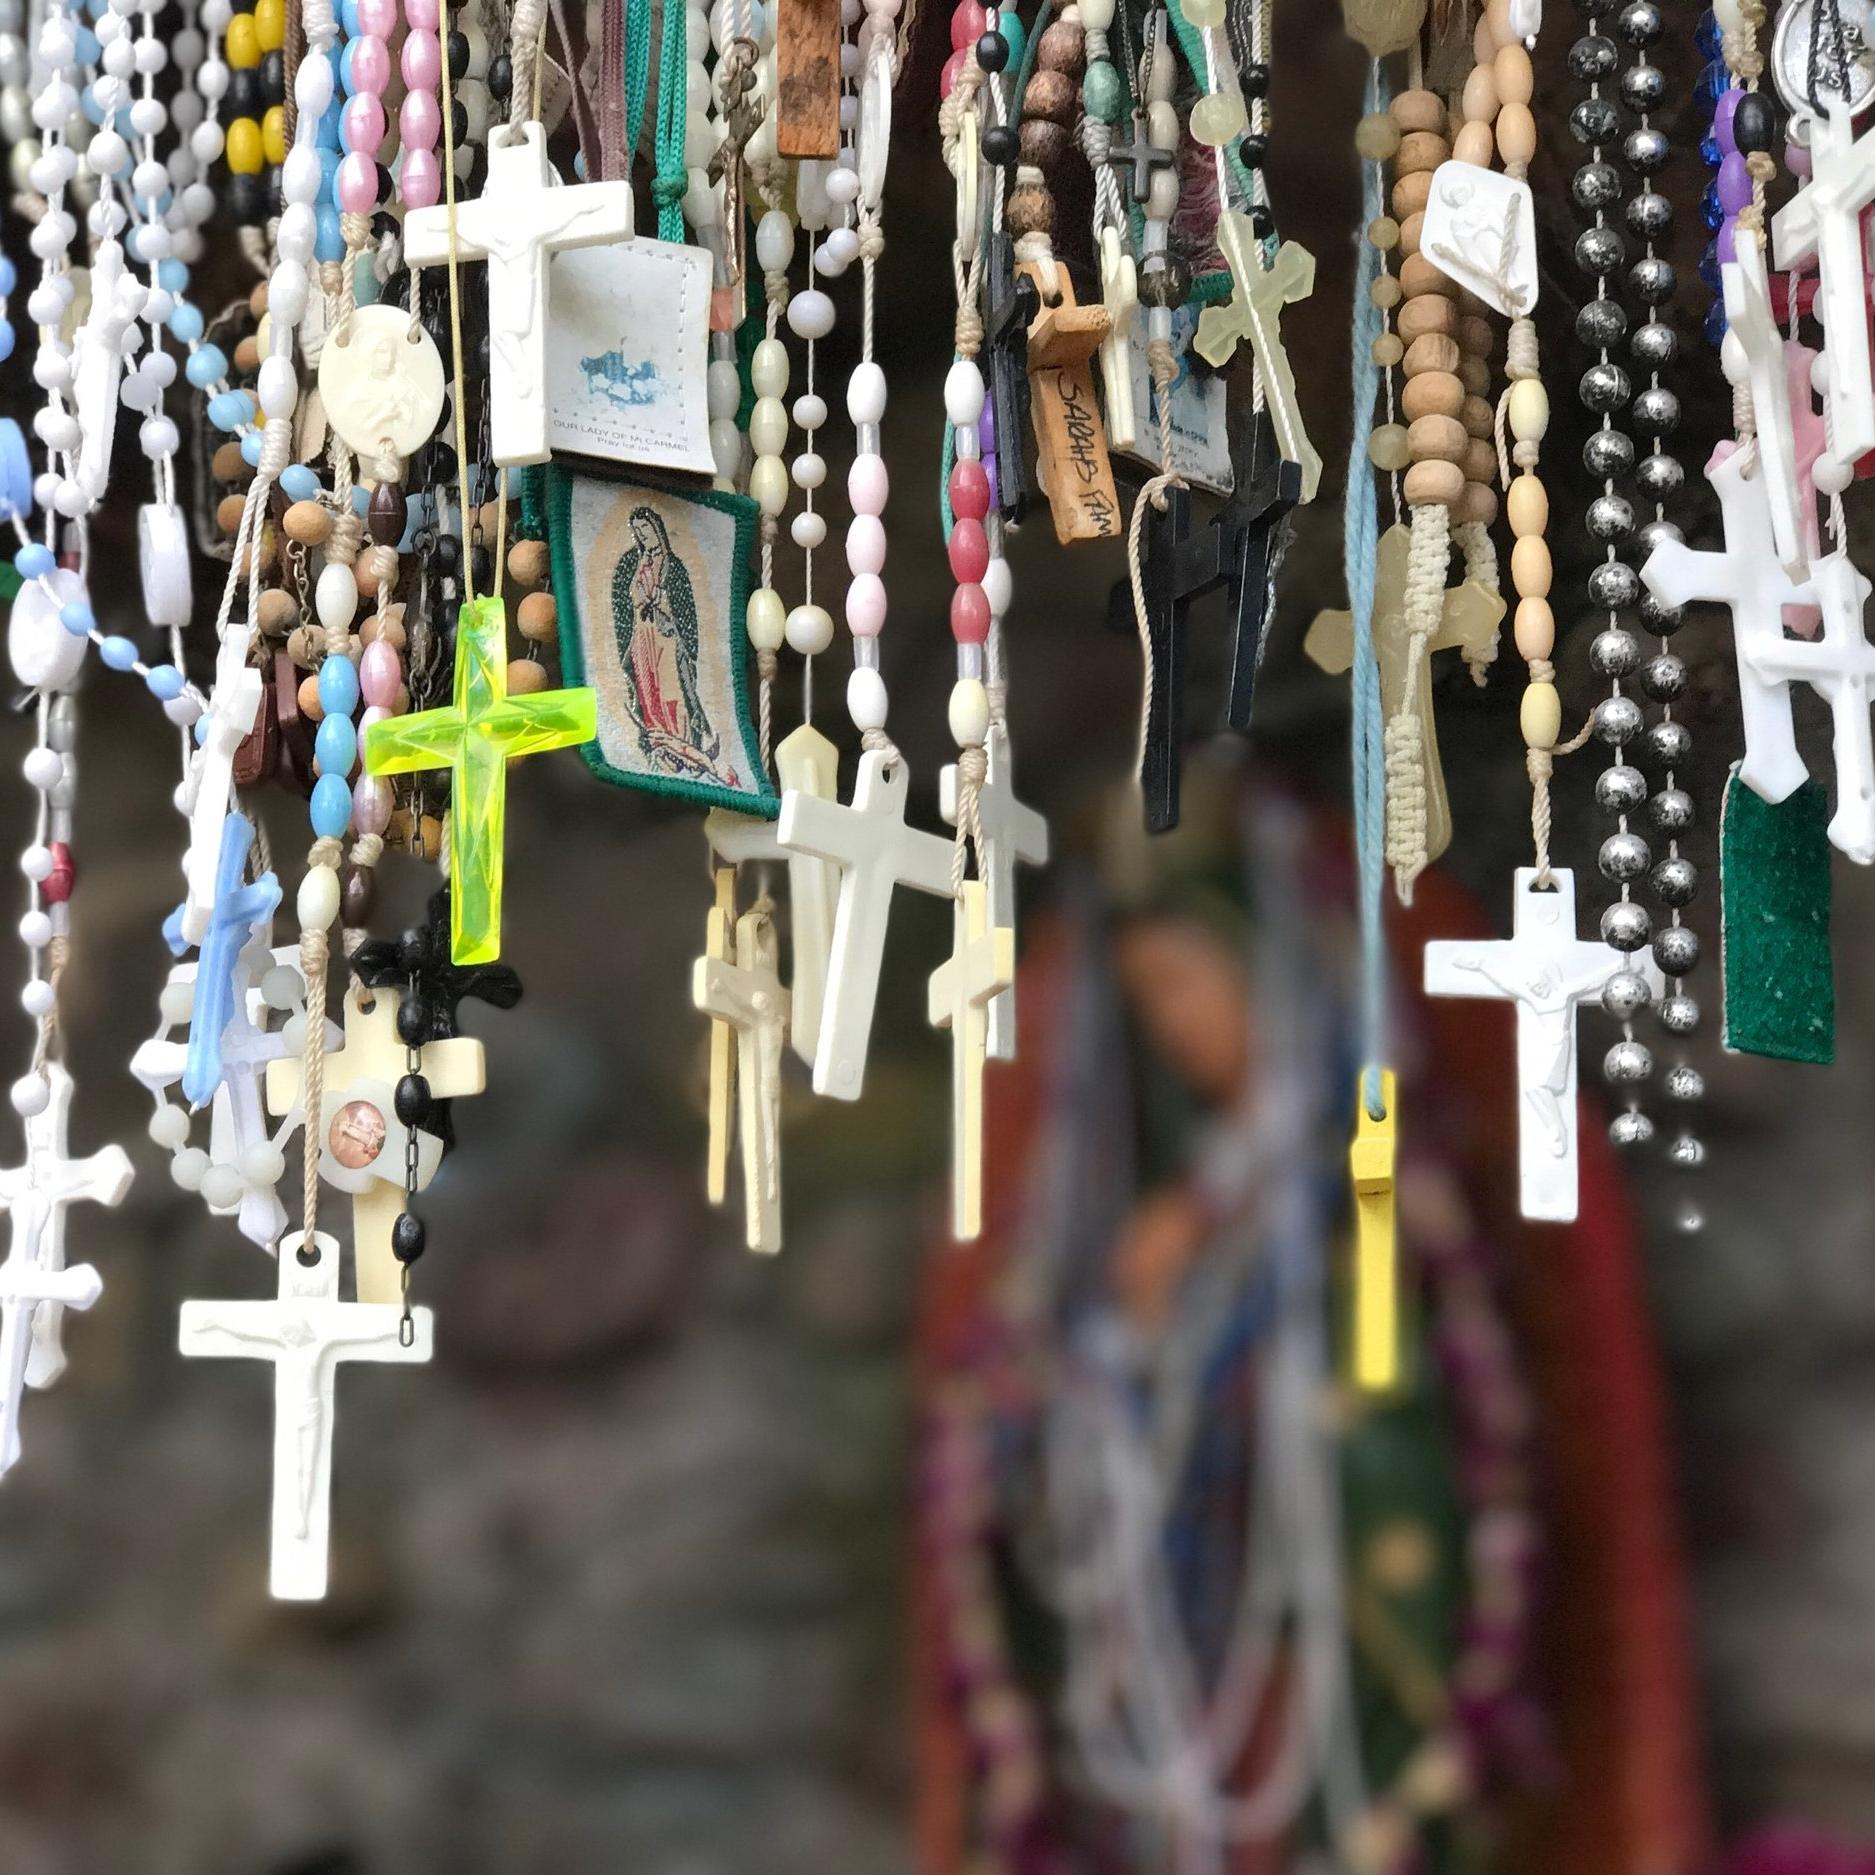 Crosses hang in El Santuario de Chimayo // Photo by Kerry M. Halasz